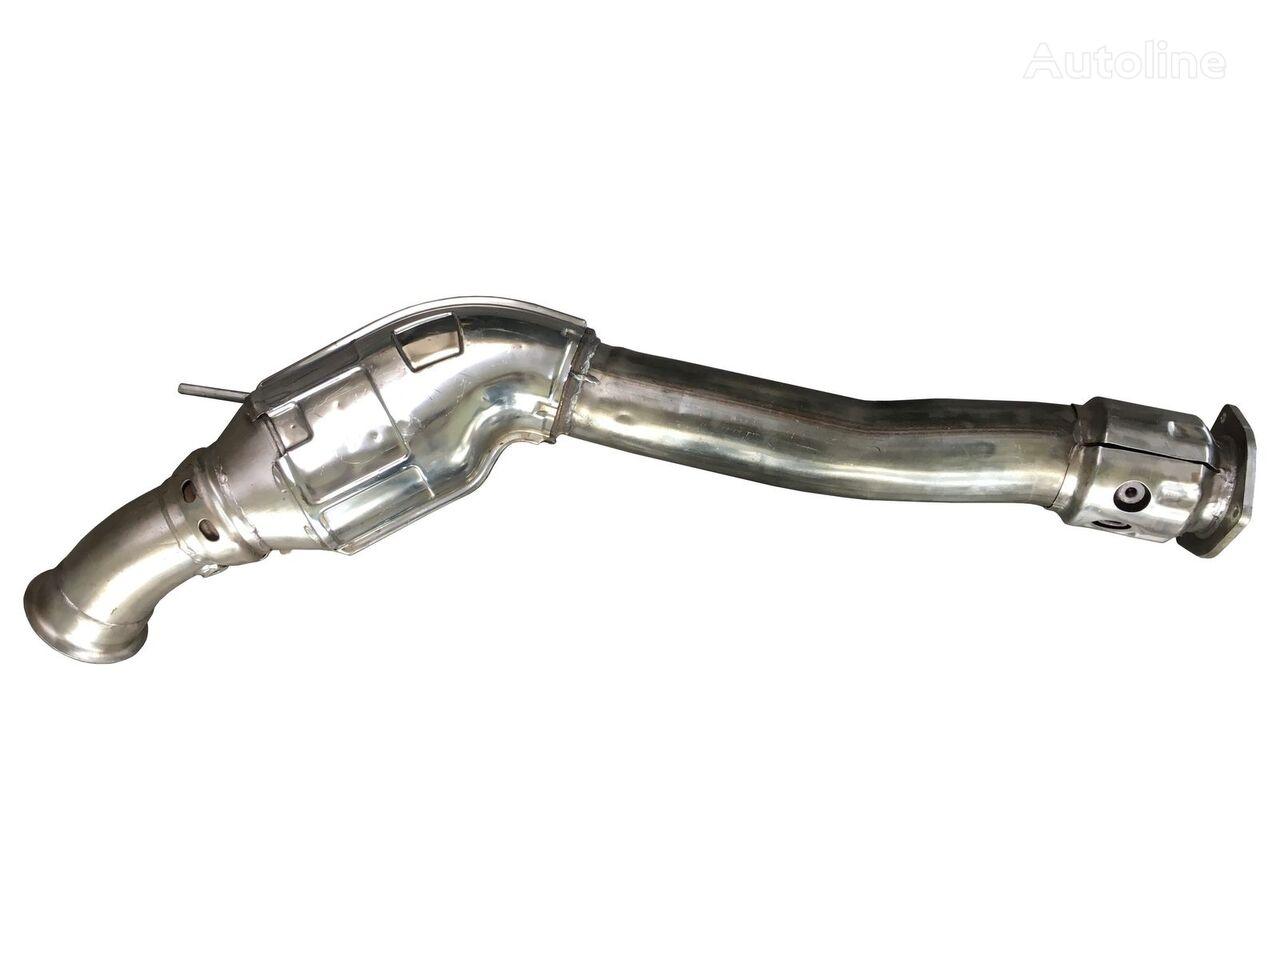 EURO 4 (K4522) catalizador para DODGE RAM 2500-3500 camión